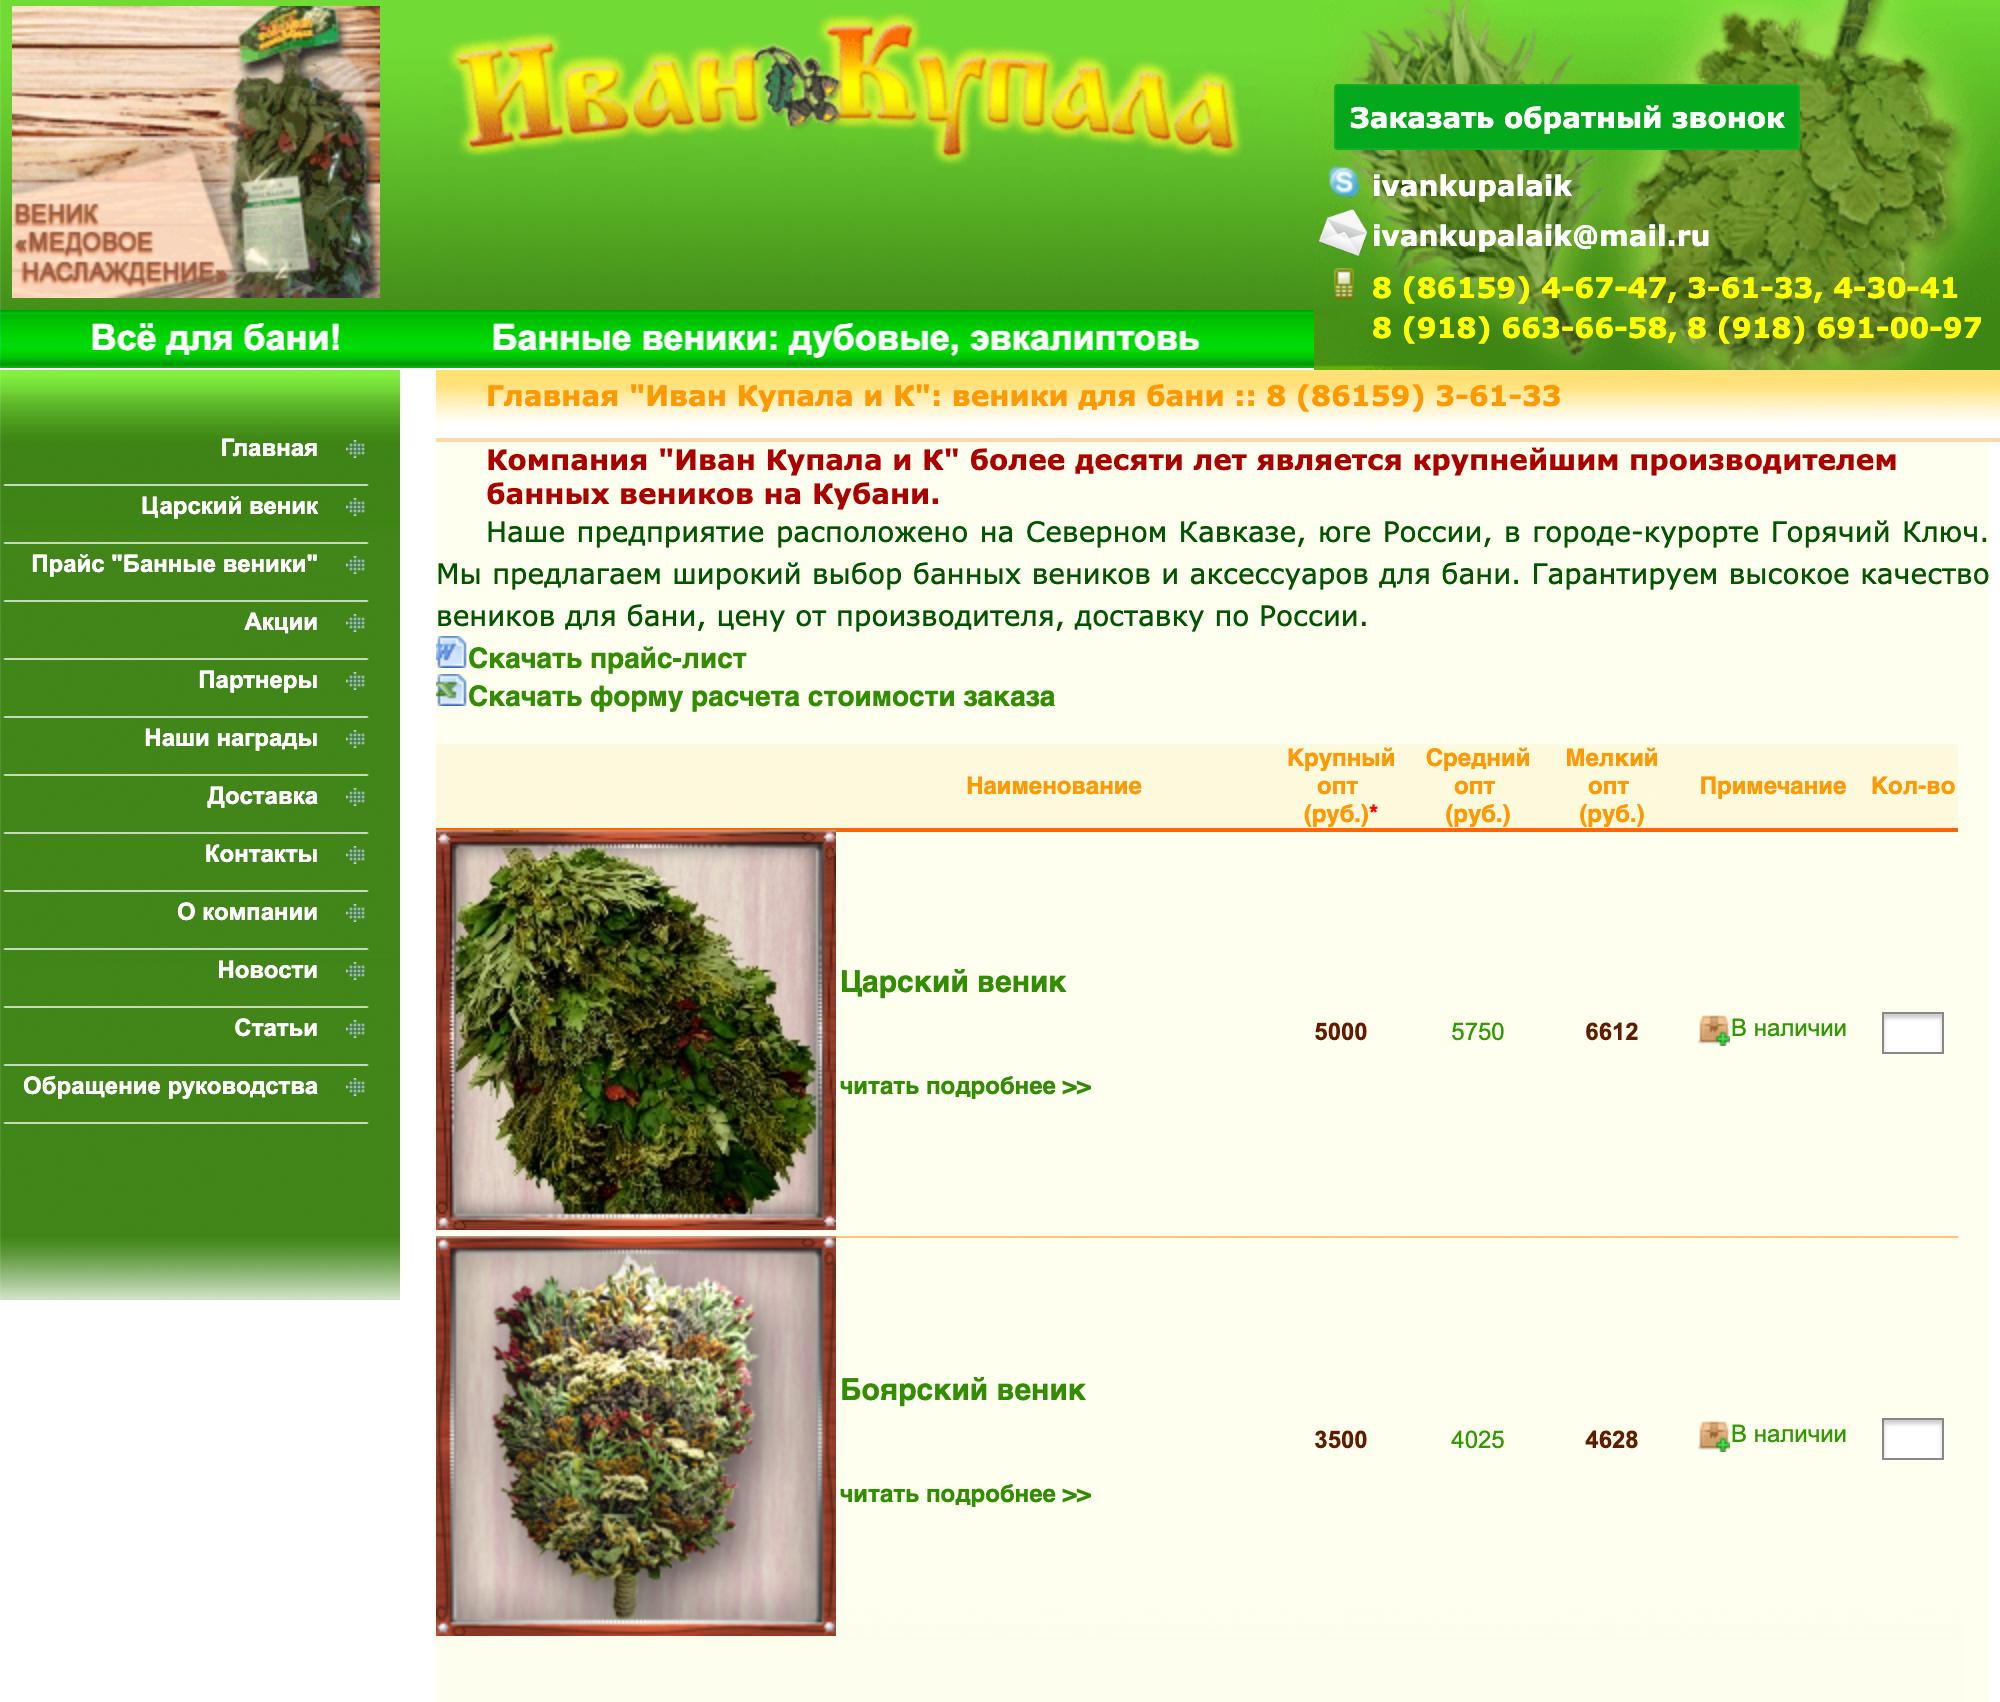 Сайт «Ивана Купалы» не менялся с 2006года. Он несет больше информационную задачу — рассказывать о товаре, а не продавать